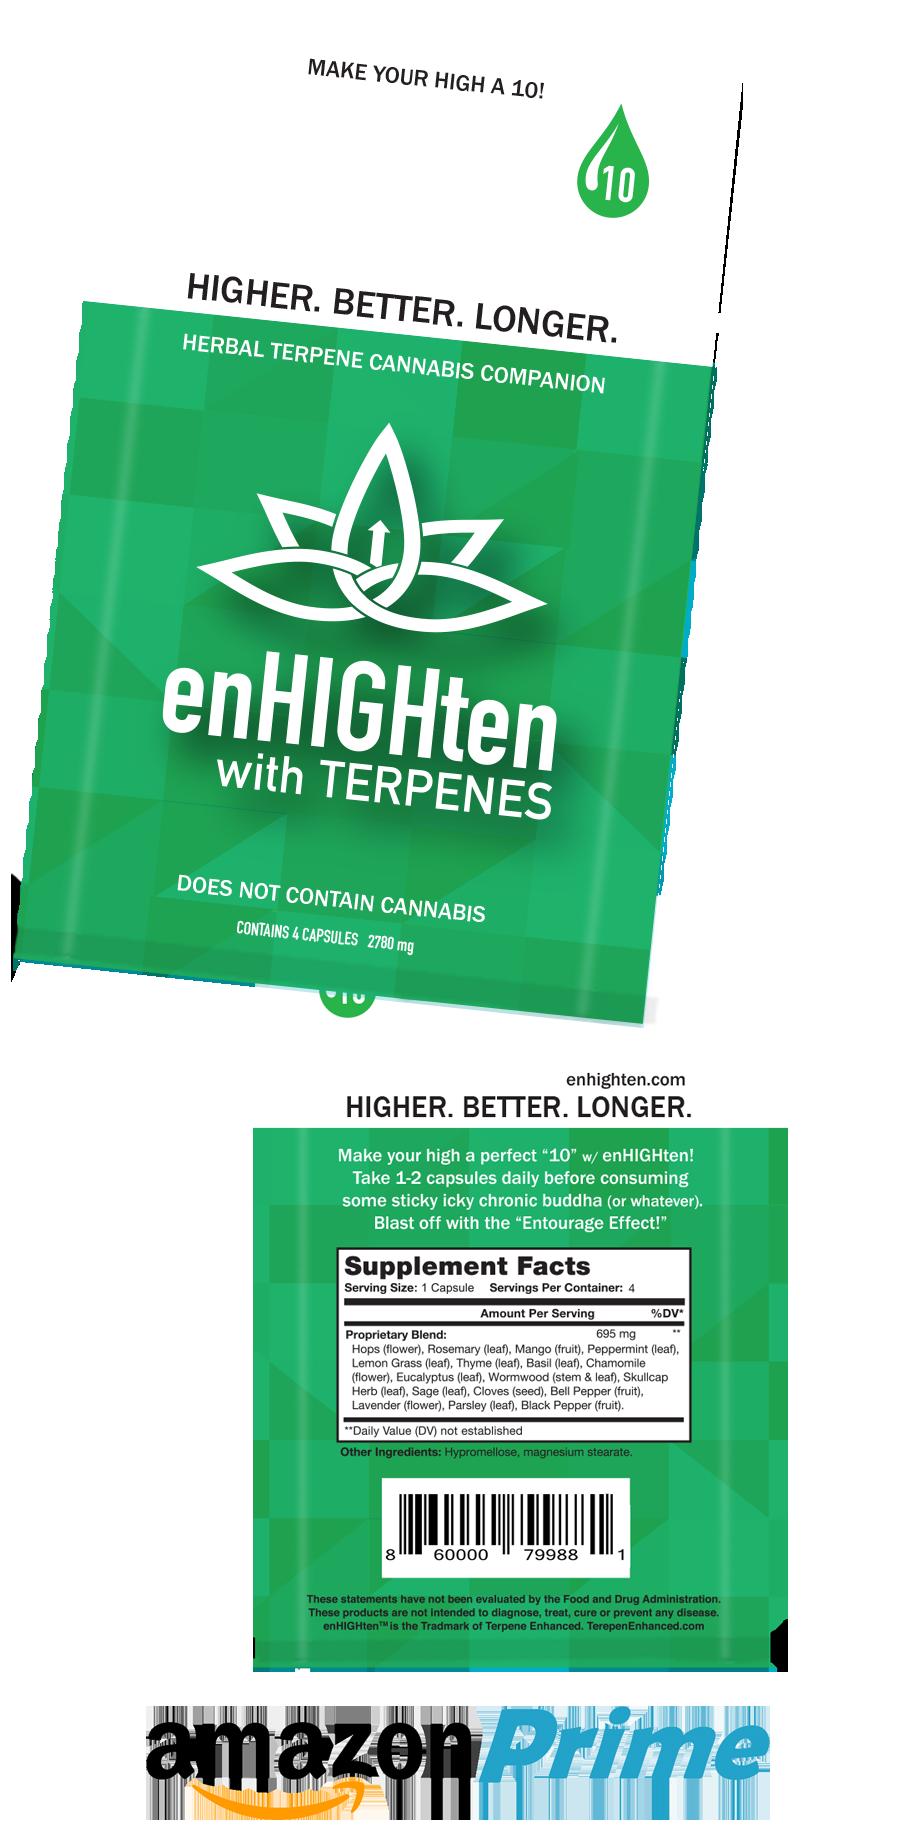 enHIGHten-4-pack-11.png